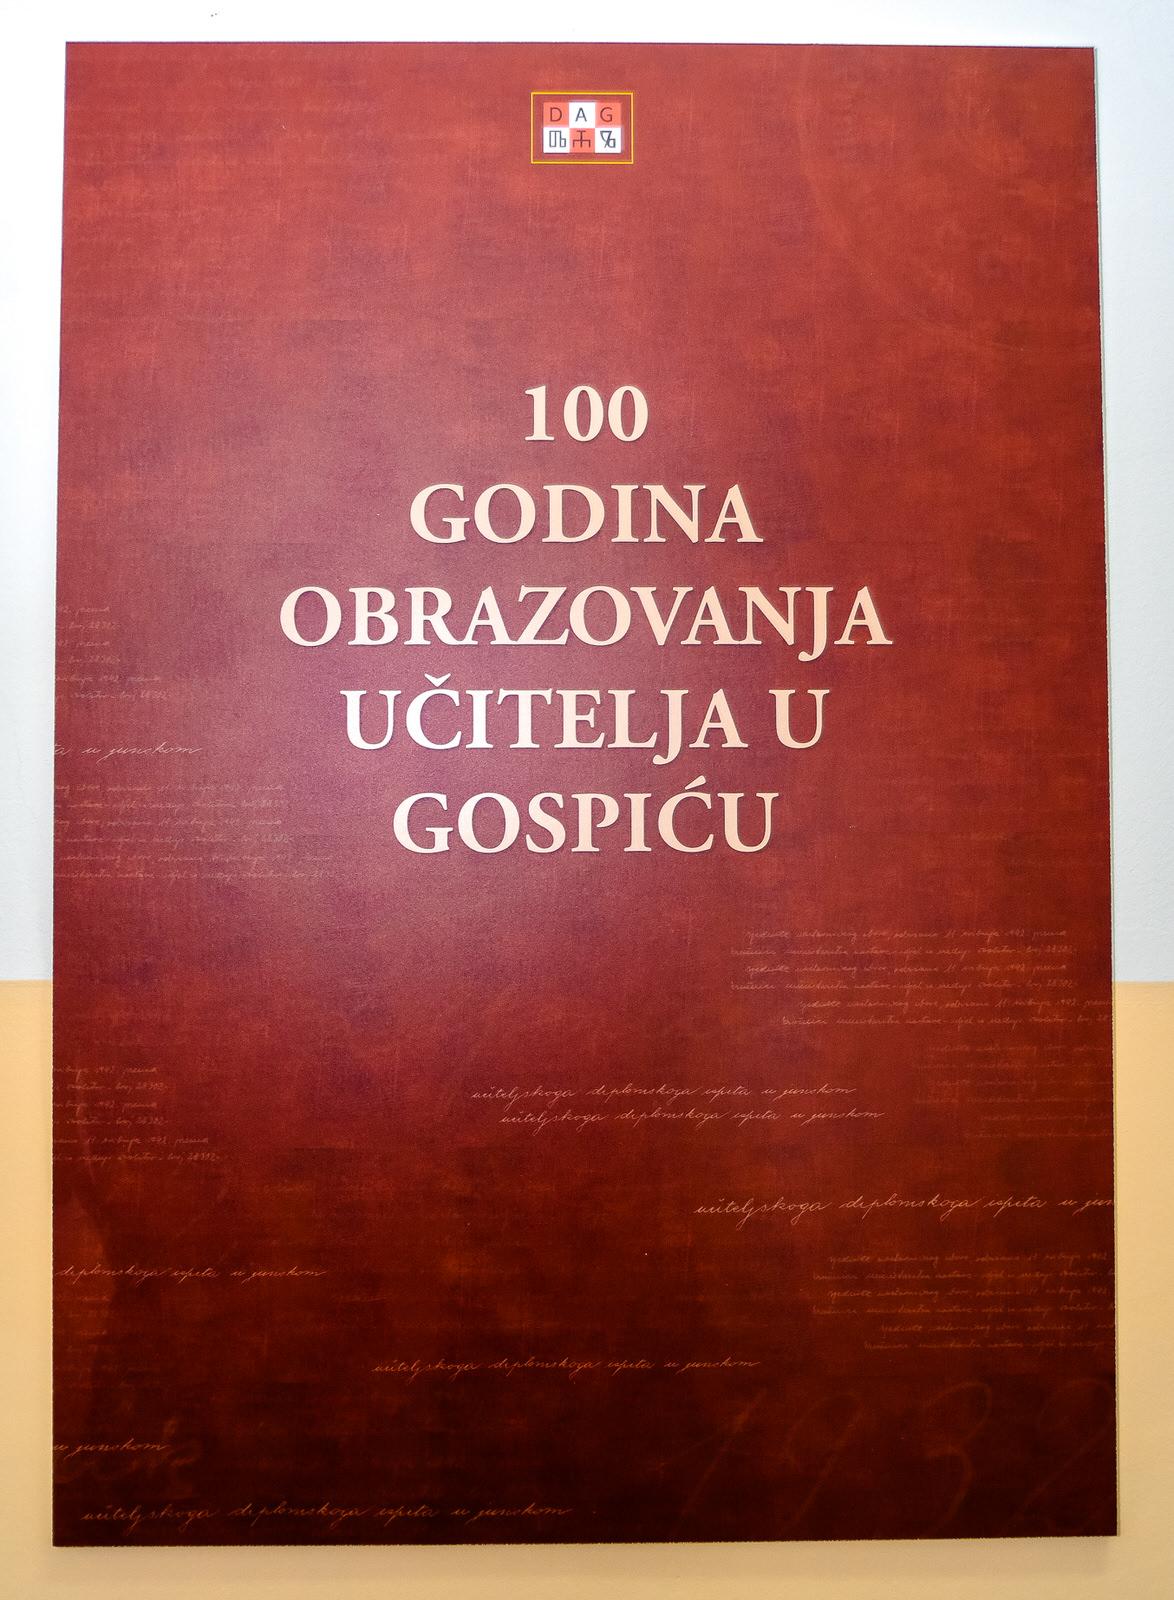 likaclub_gospić_100-godina-obrazovanja-učitelja-u-gospiću_2019-3-1